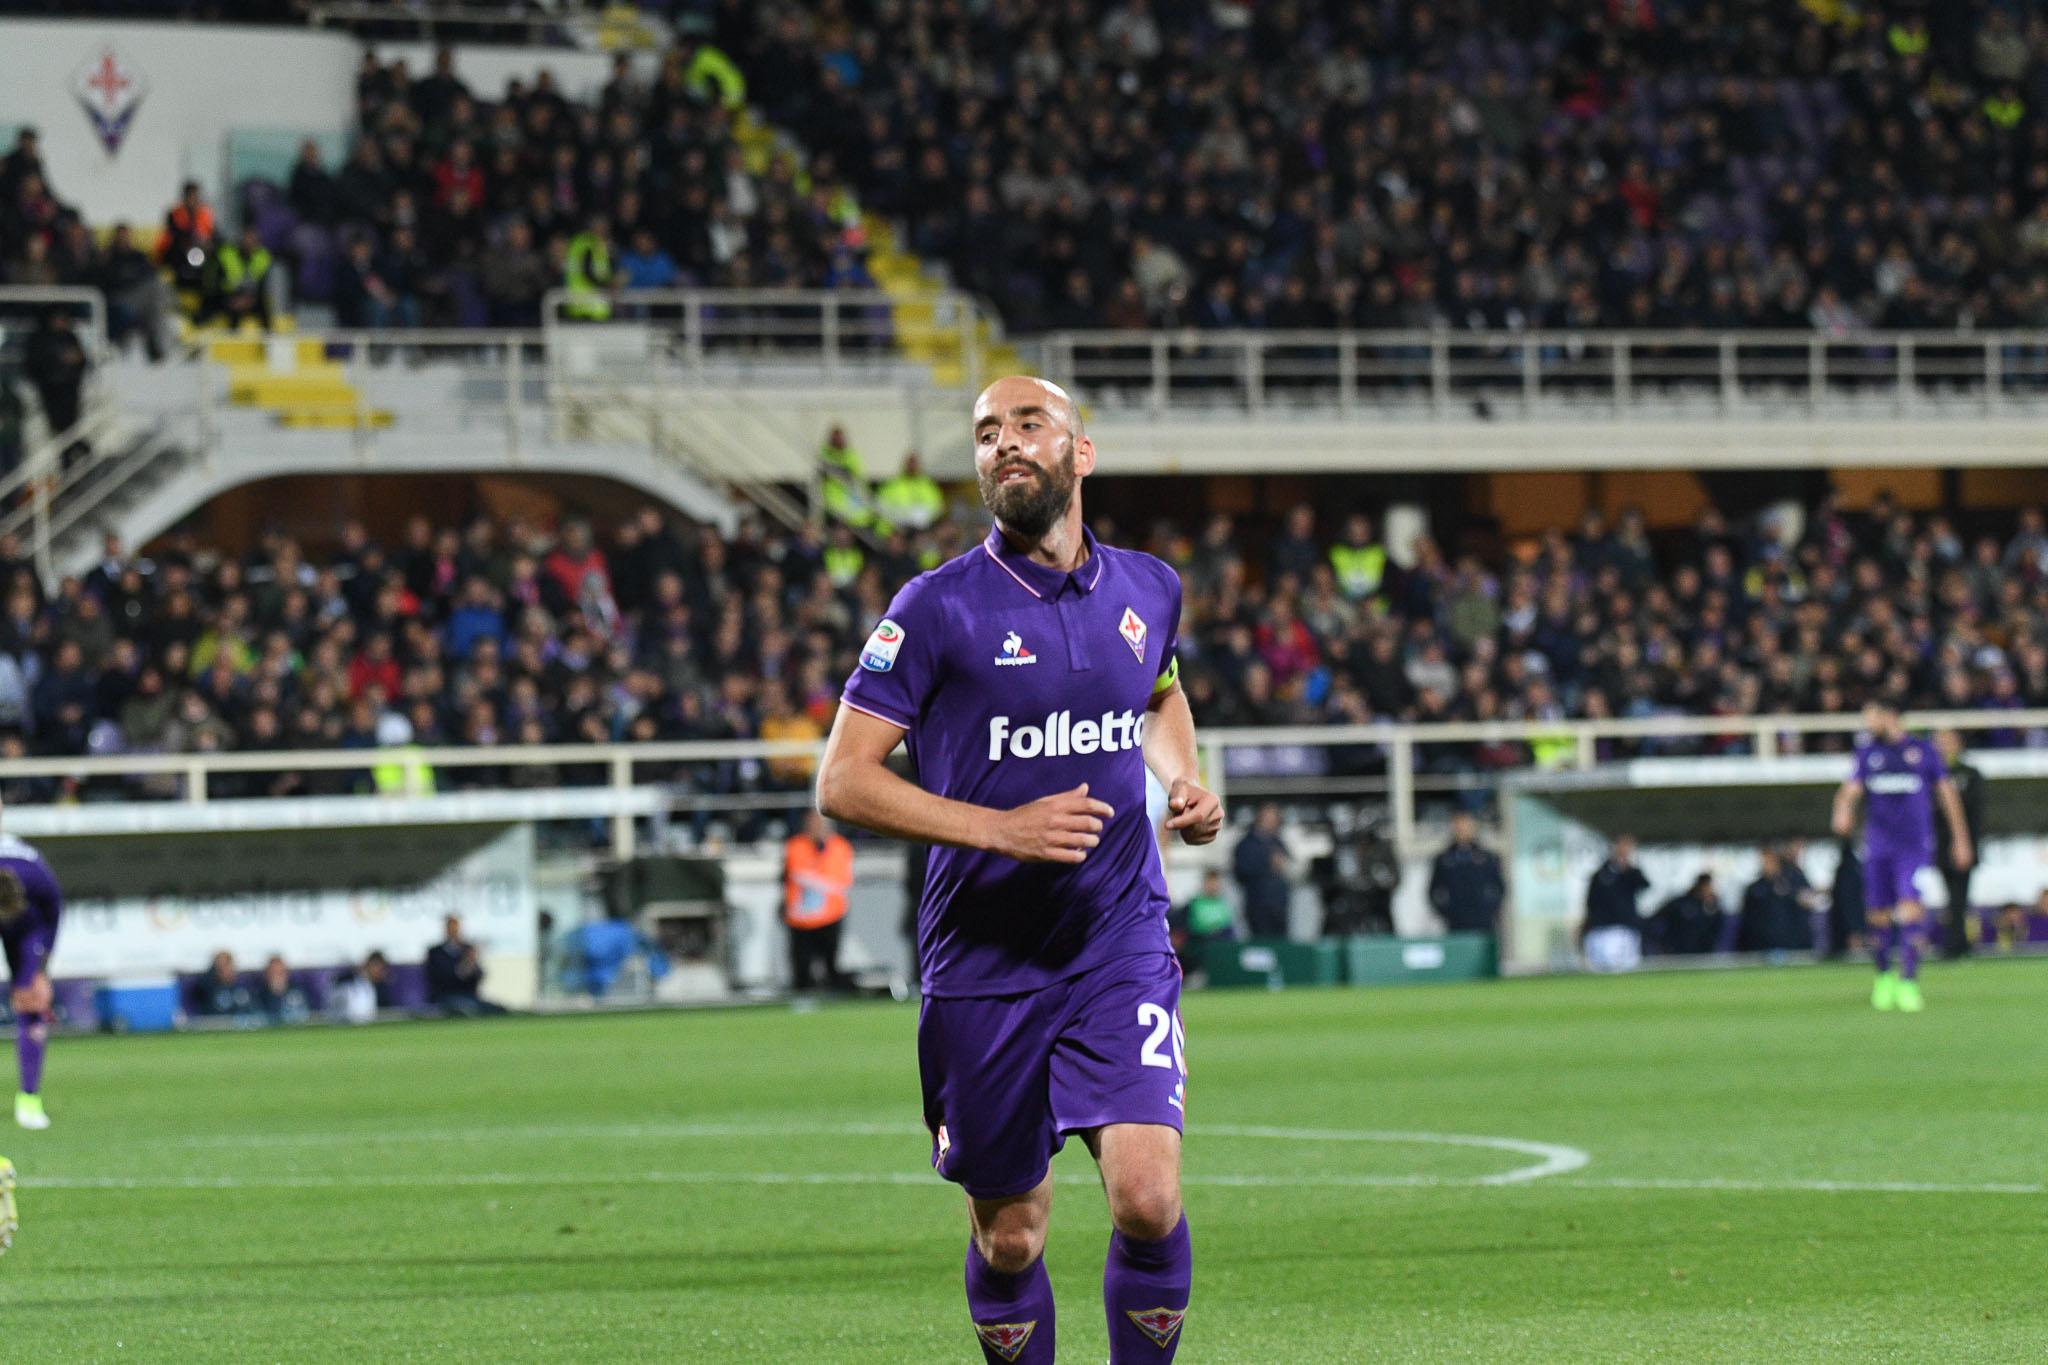 Calciomercato, Inter vuole Borja Valero. Il sogno si chiama Rabiot